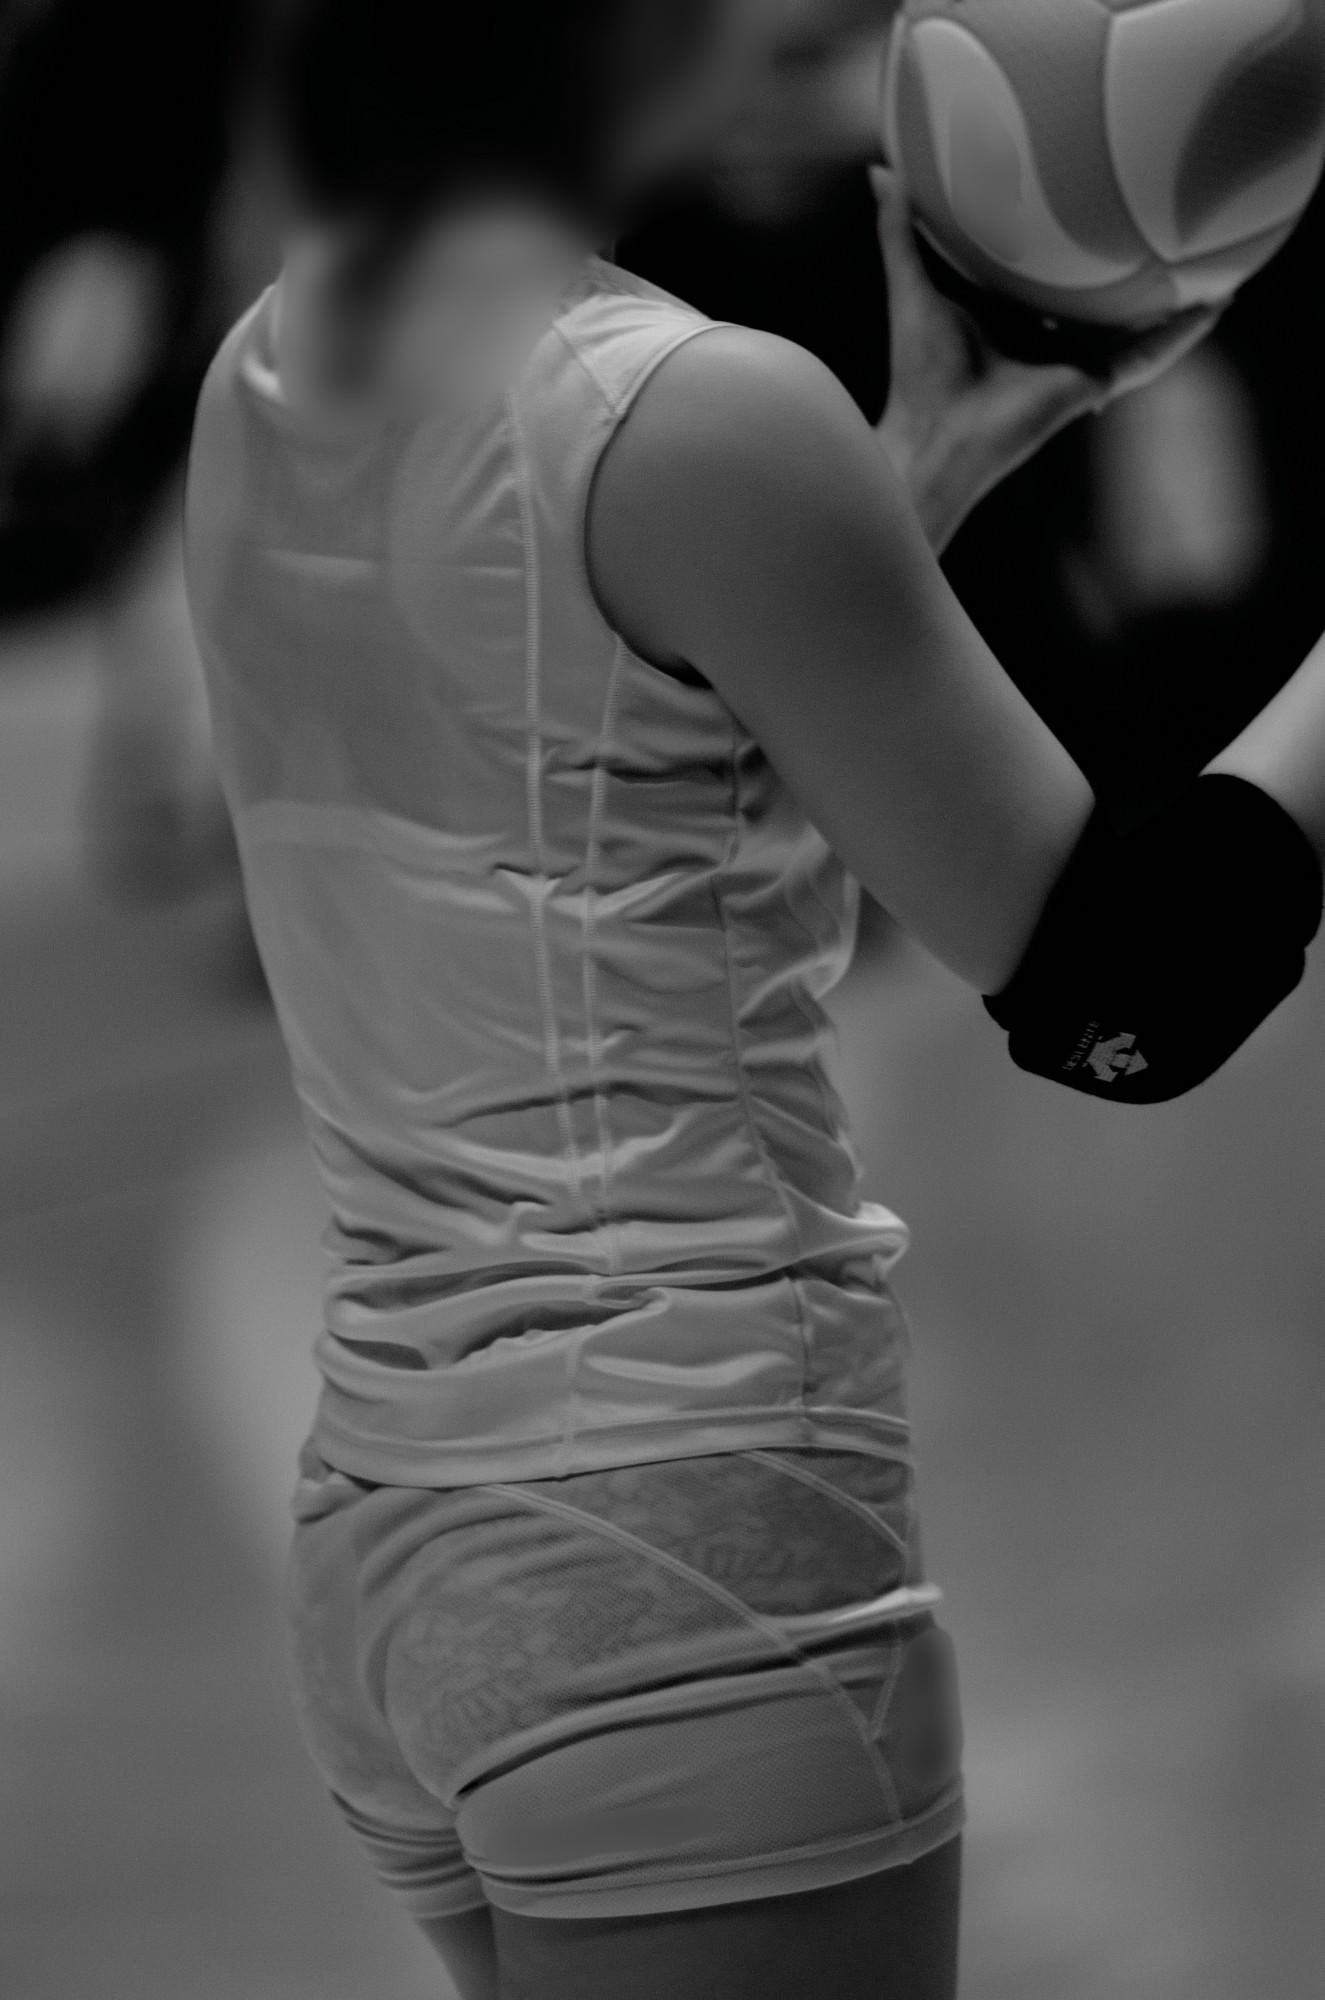 赤外線カメラ半端ない!!女子バレー選手のパンツとブラが透けまくってるスポーツ系エロ画像 3126